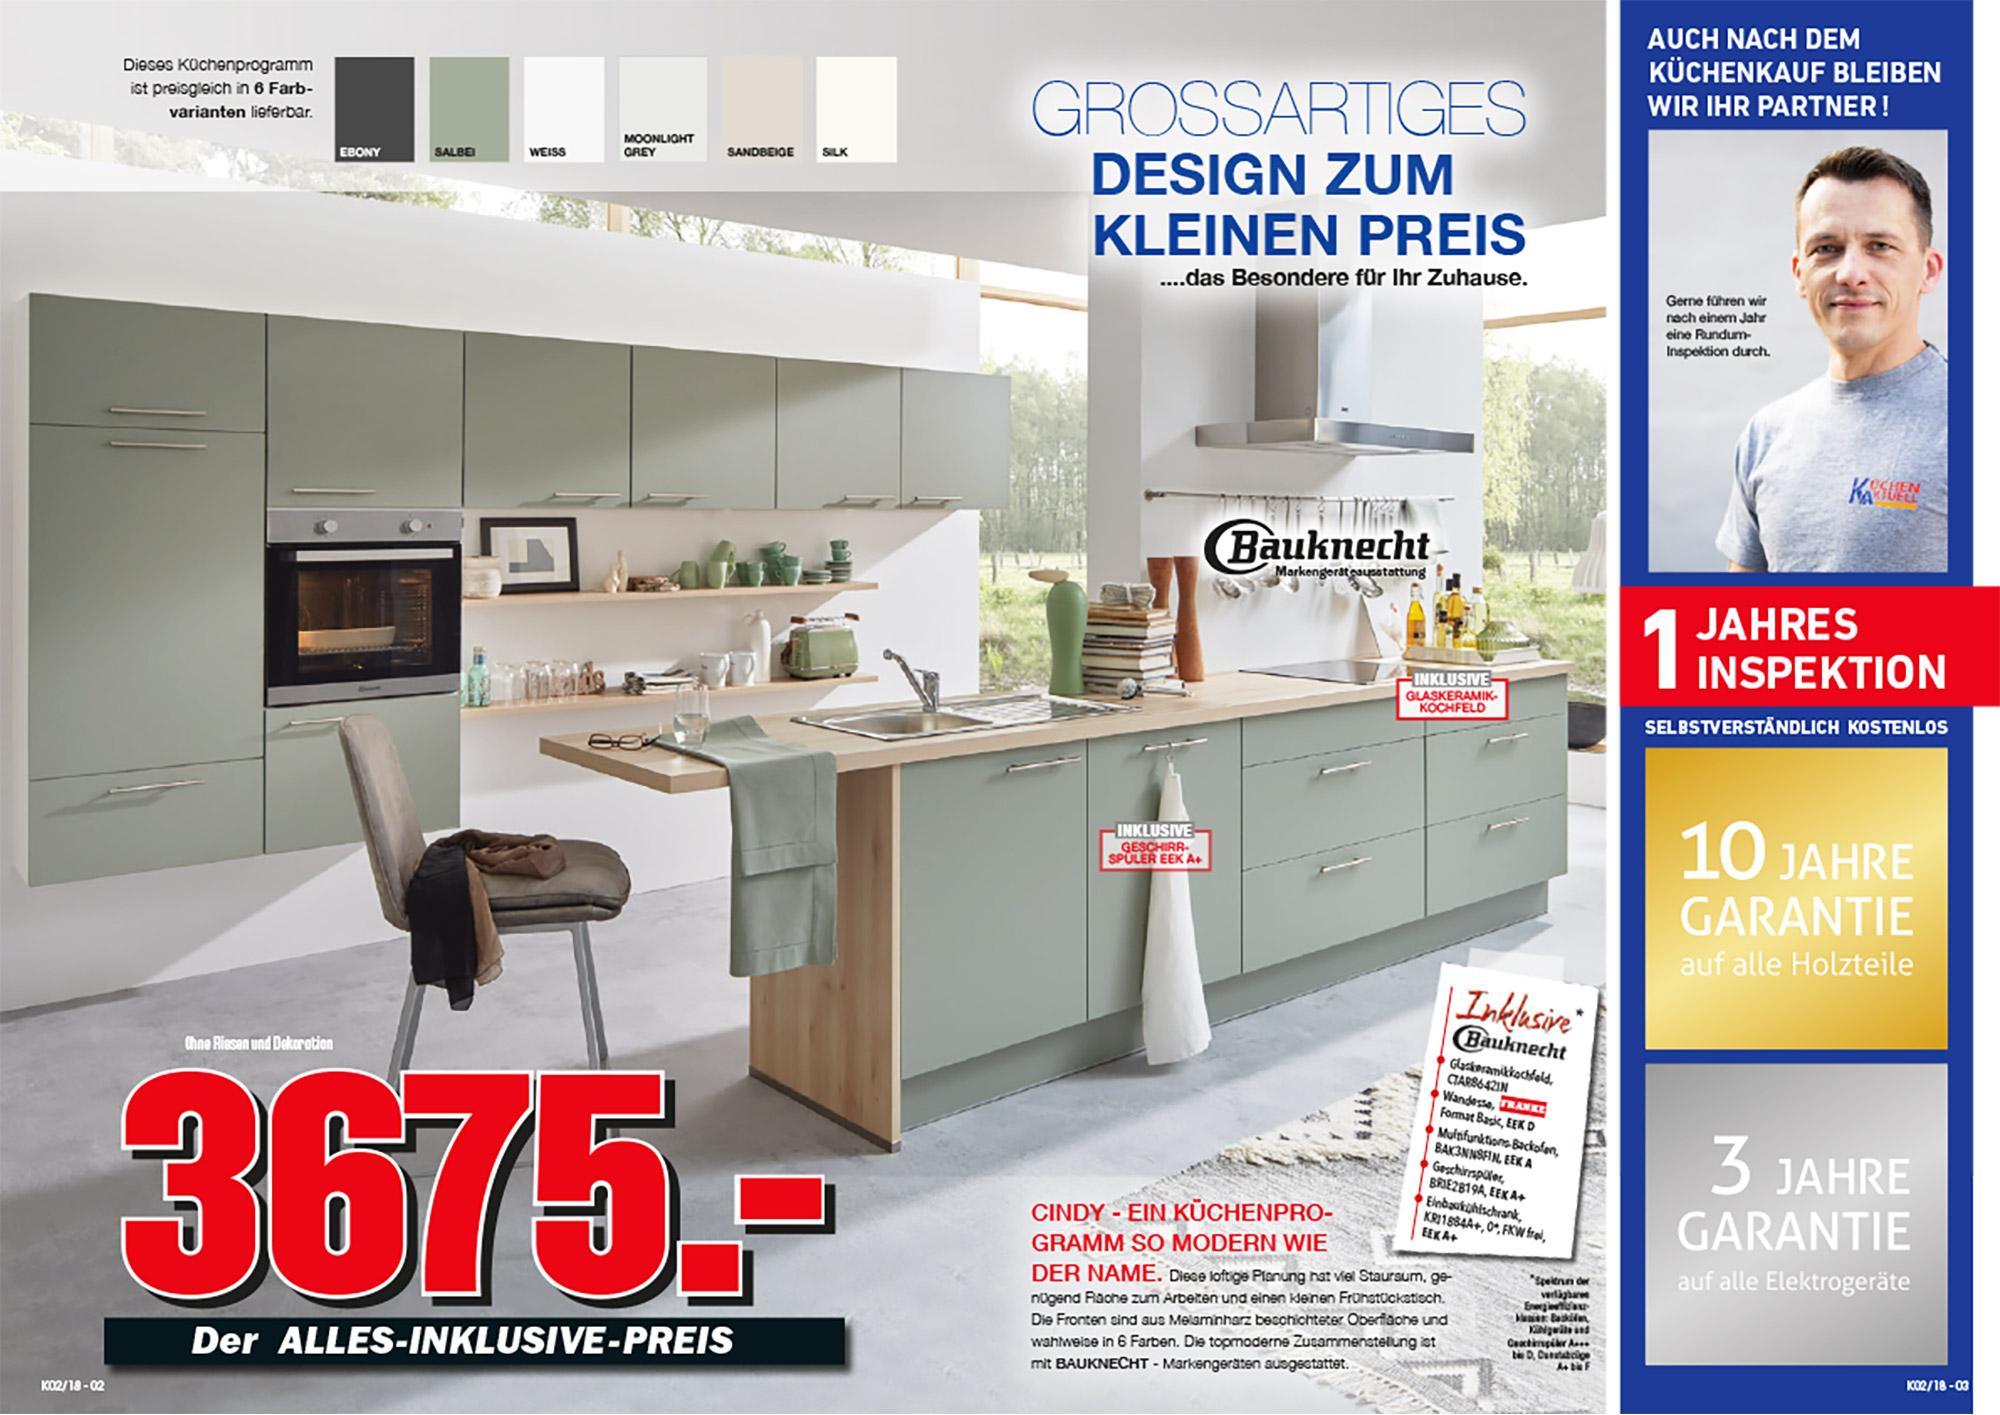 Kuchen aktuell braunschweig prospekt for Dortmund kuchenstudio